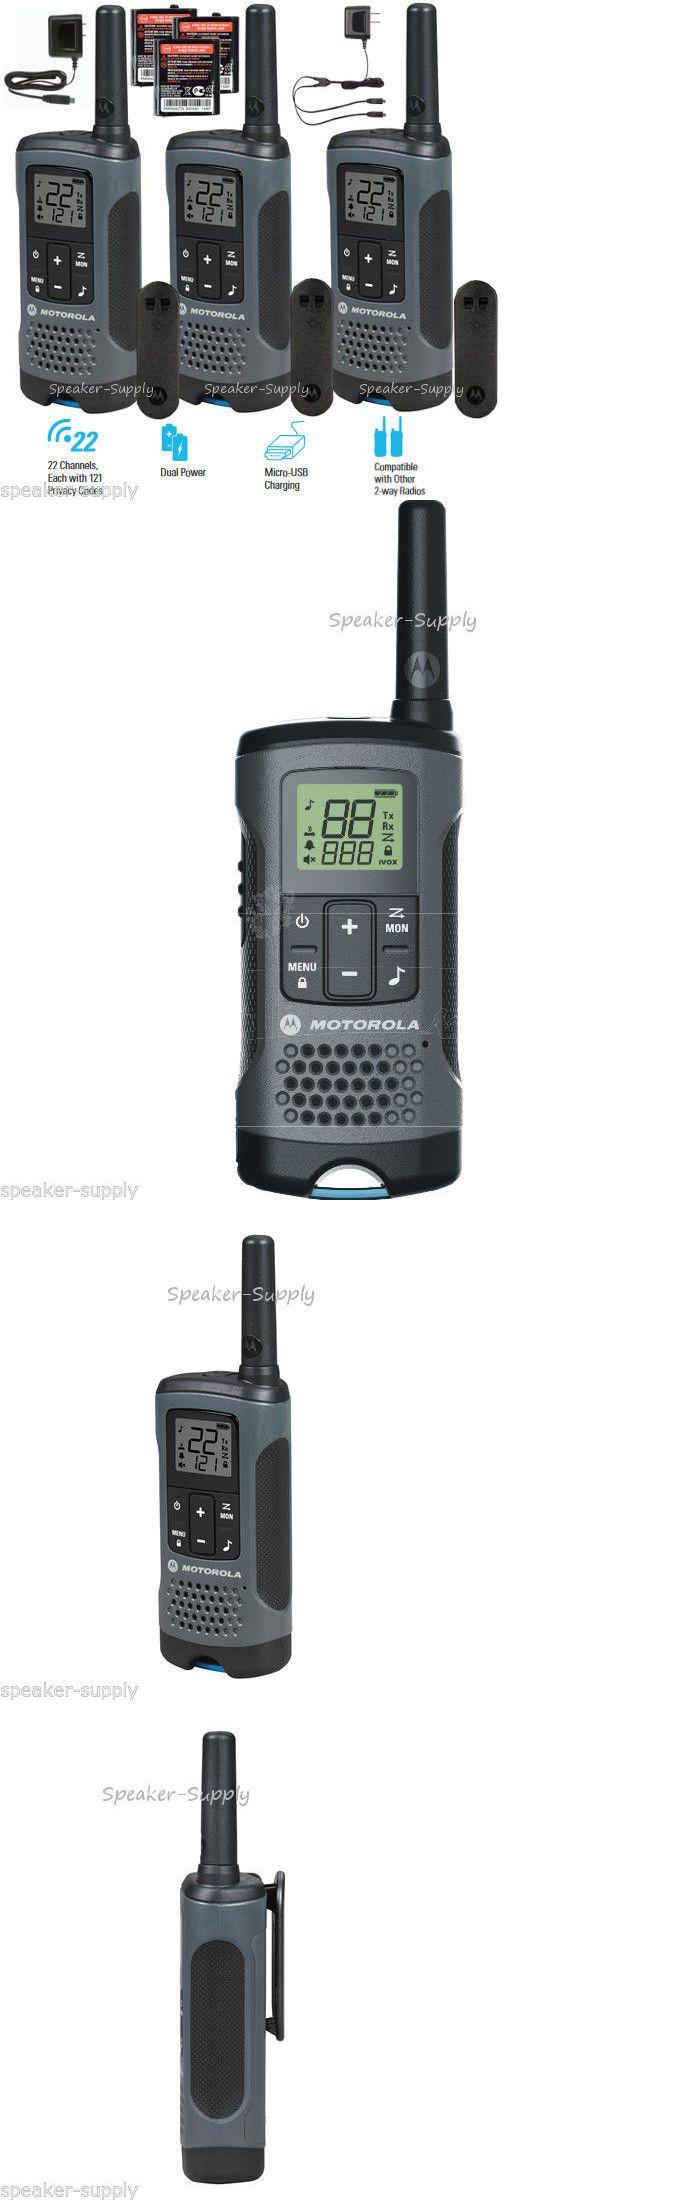 Walkie Talkies Two-Way Radios: Motorola Talkabout T200tp Walkie Talkie 3 Pack Set 20 Mile Two Way Radio Package BUY IT NOW ONLY: $65.0